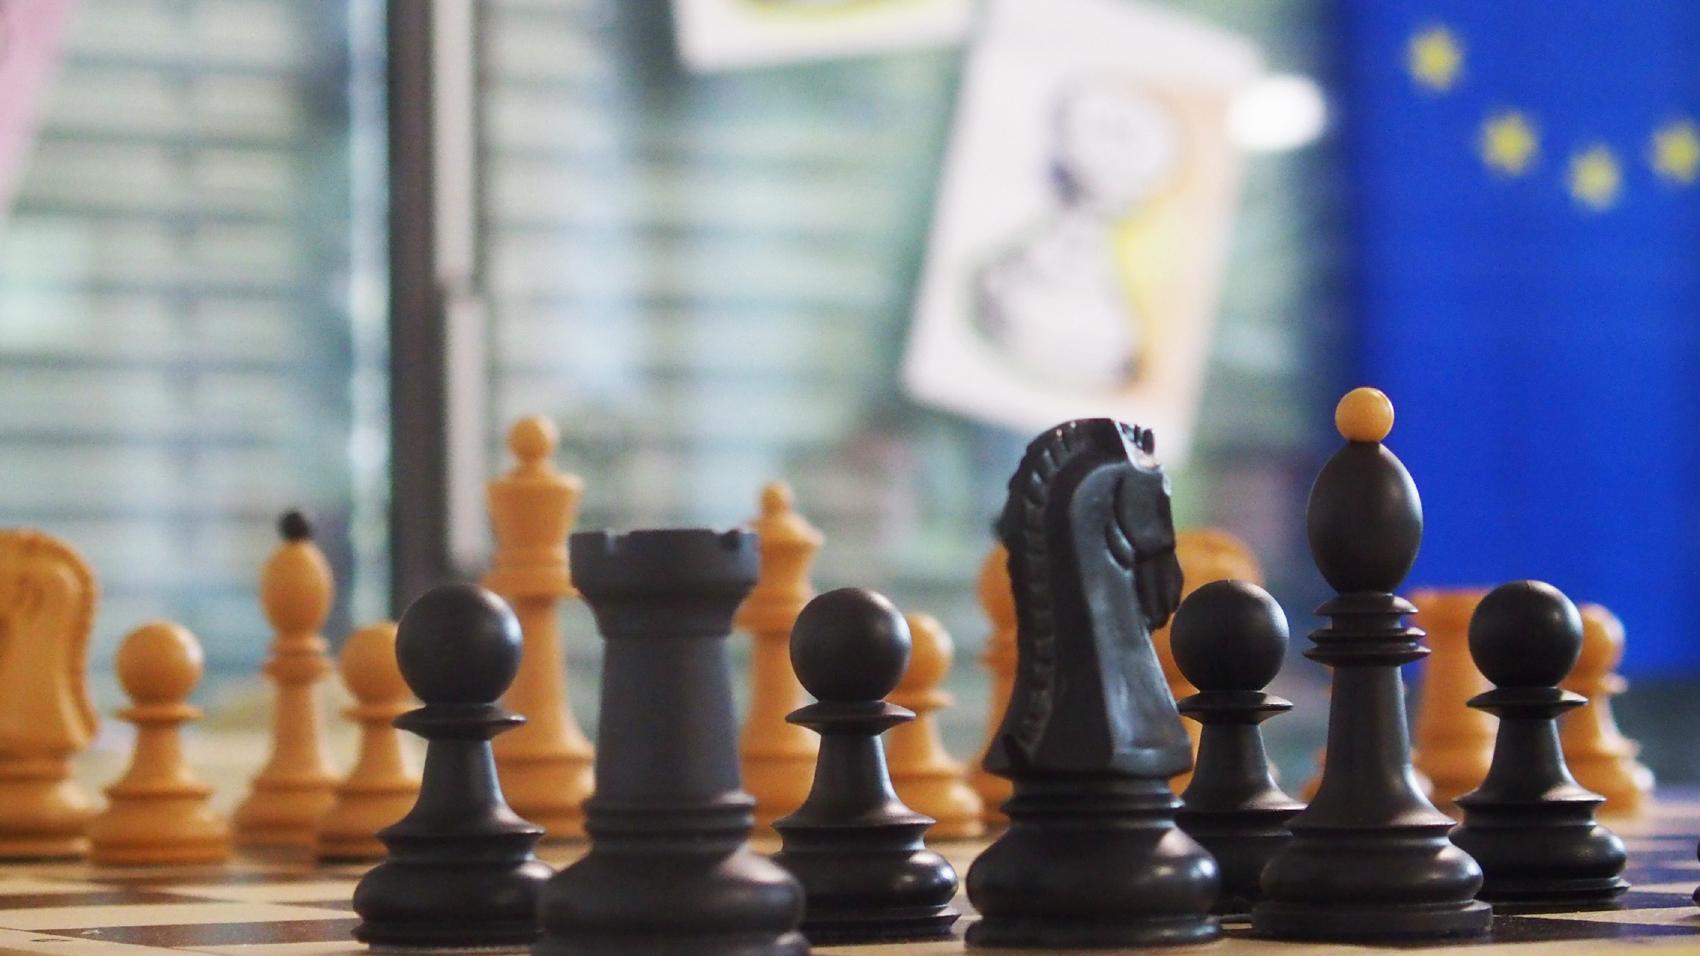 Šahovski turnir 2017 za distrofike